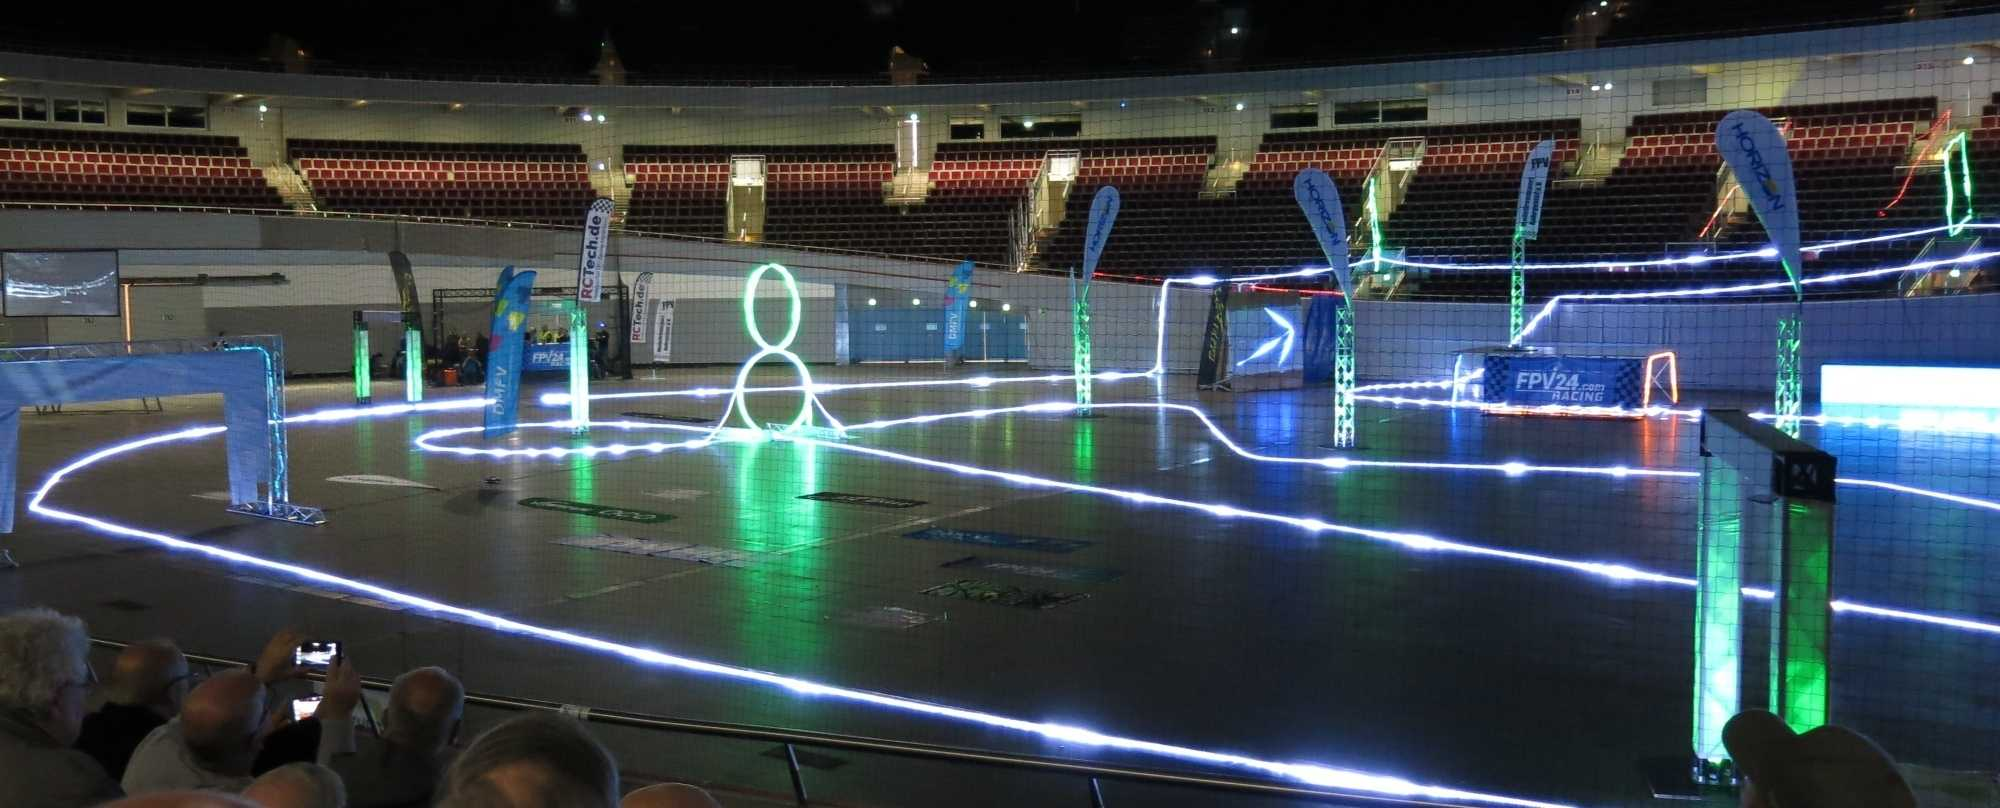 Wettkampfarena des INTERcopter Racing Cup 2017 in der abgedunkelten Halle mit illuminiertem Parcour